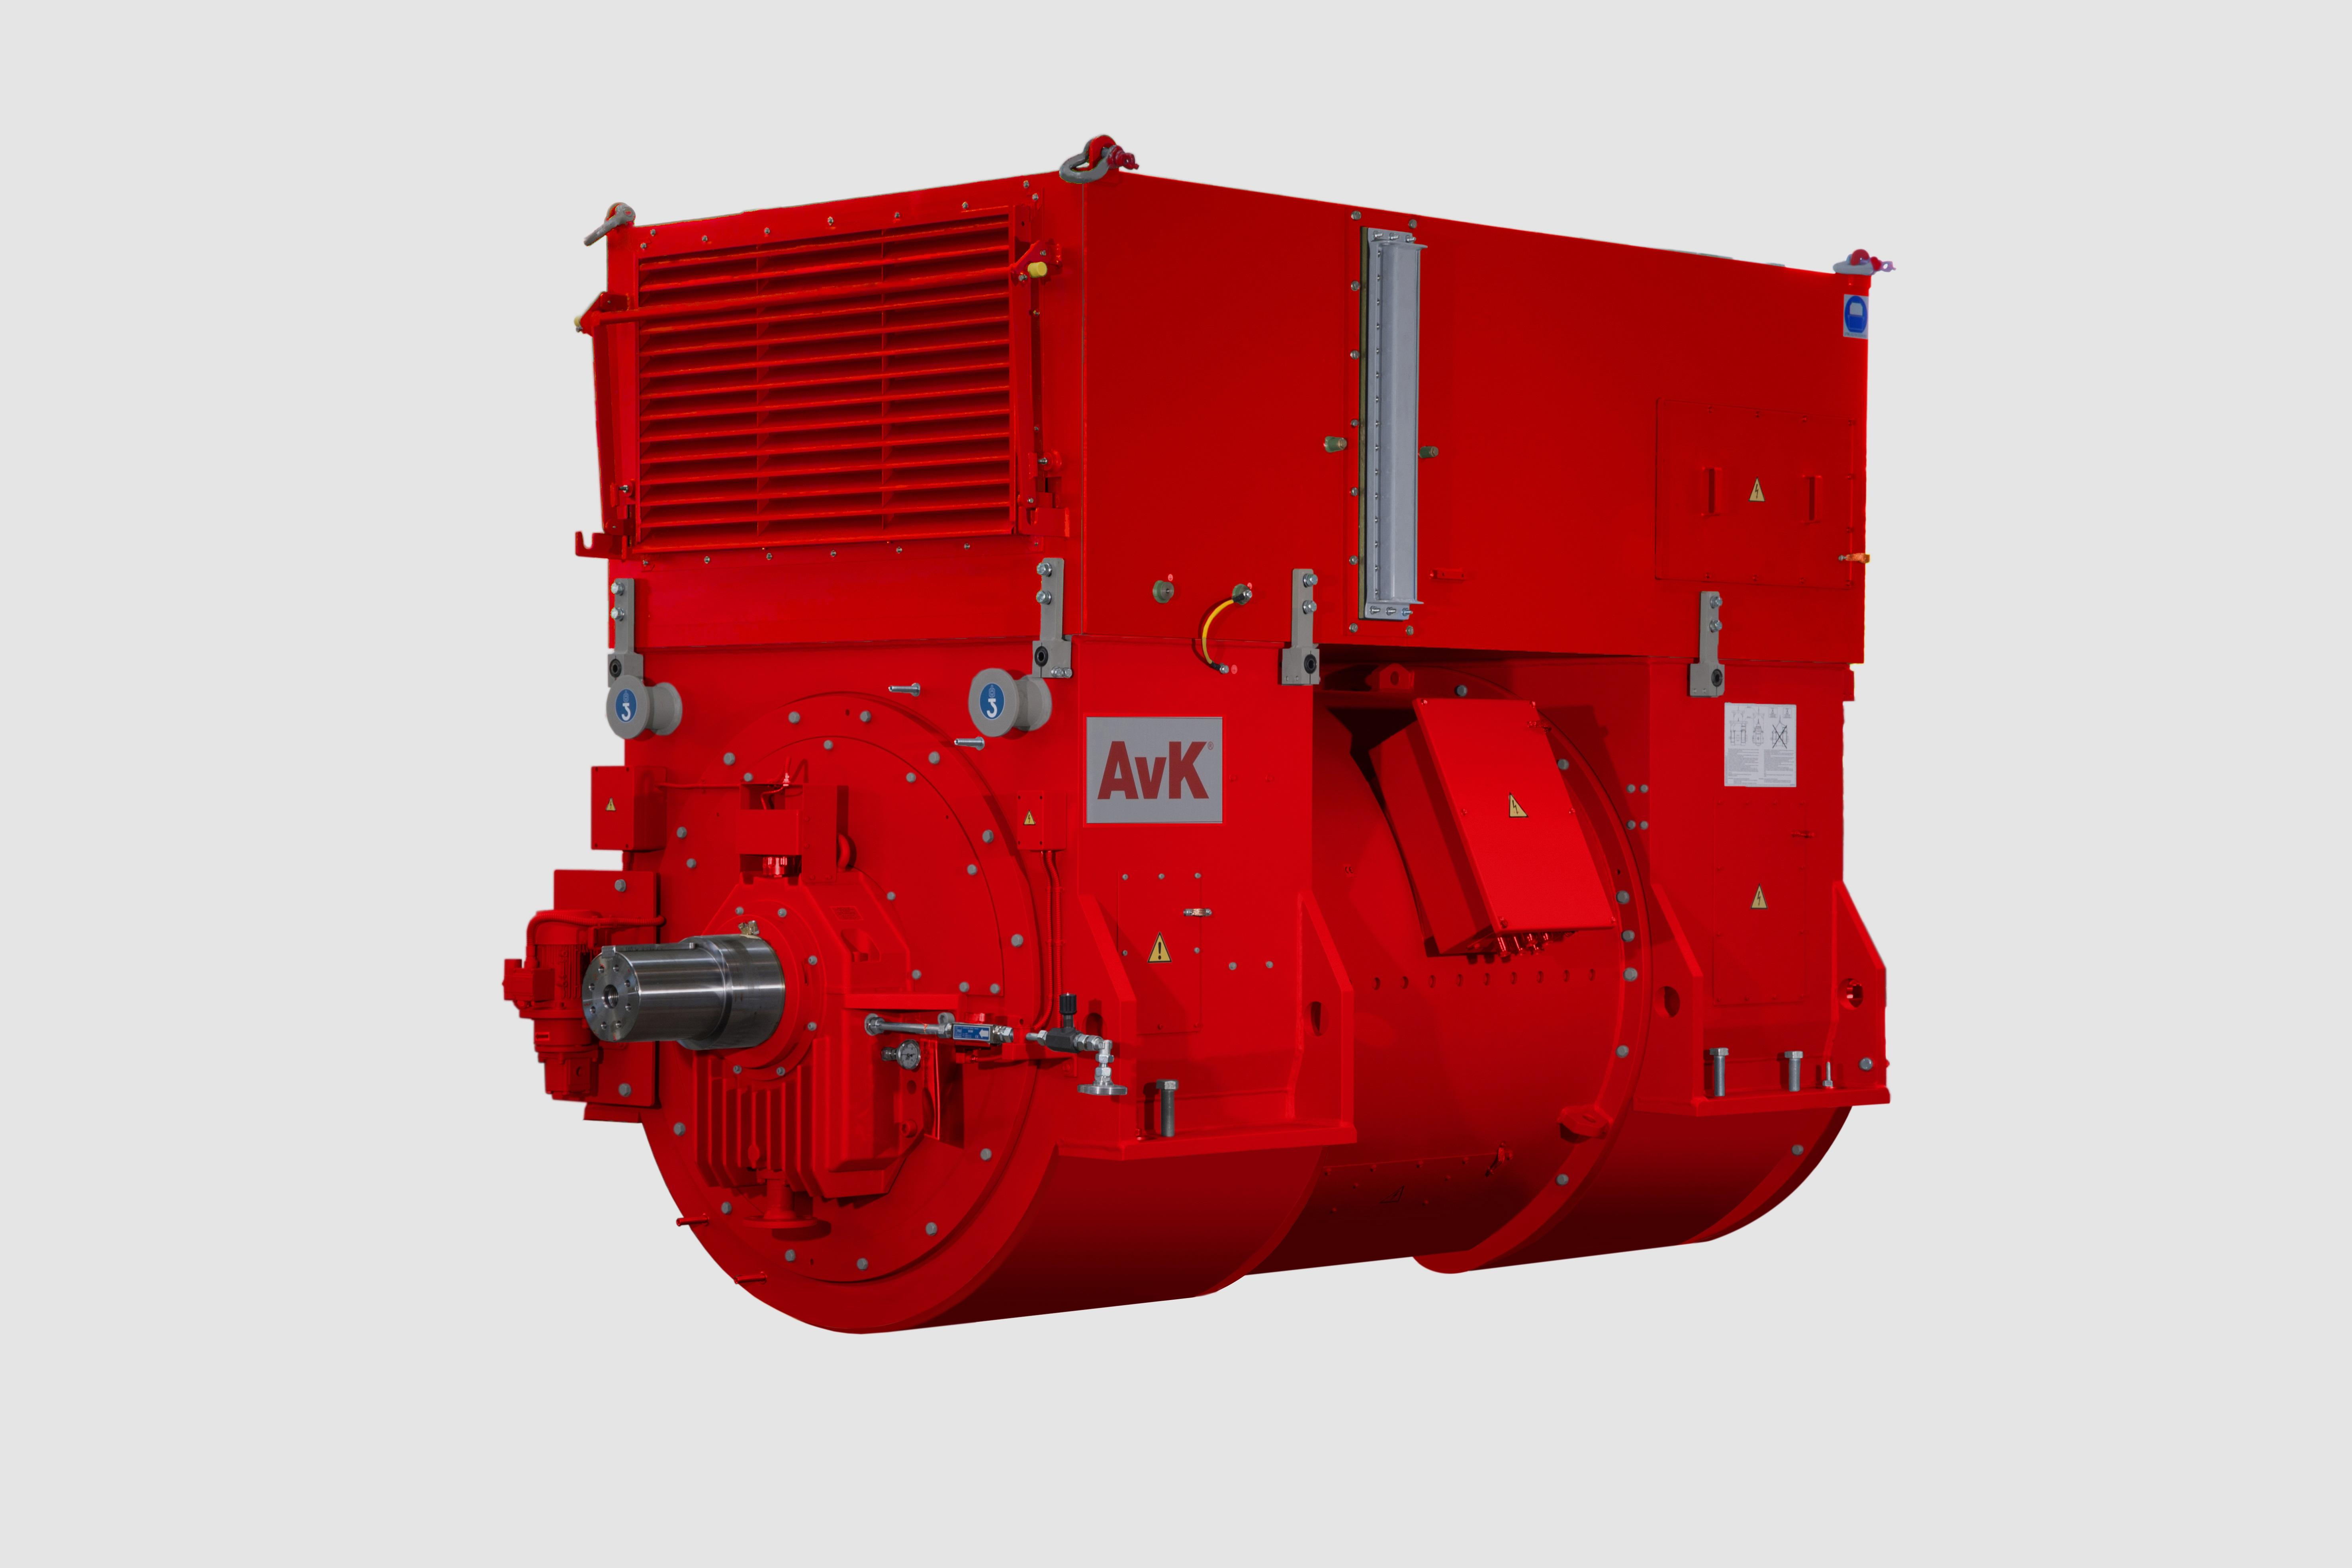 康明斯VAK系列发电机参数和IP44以上防护等级要求